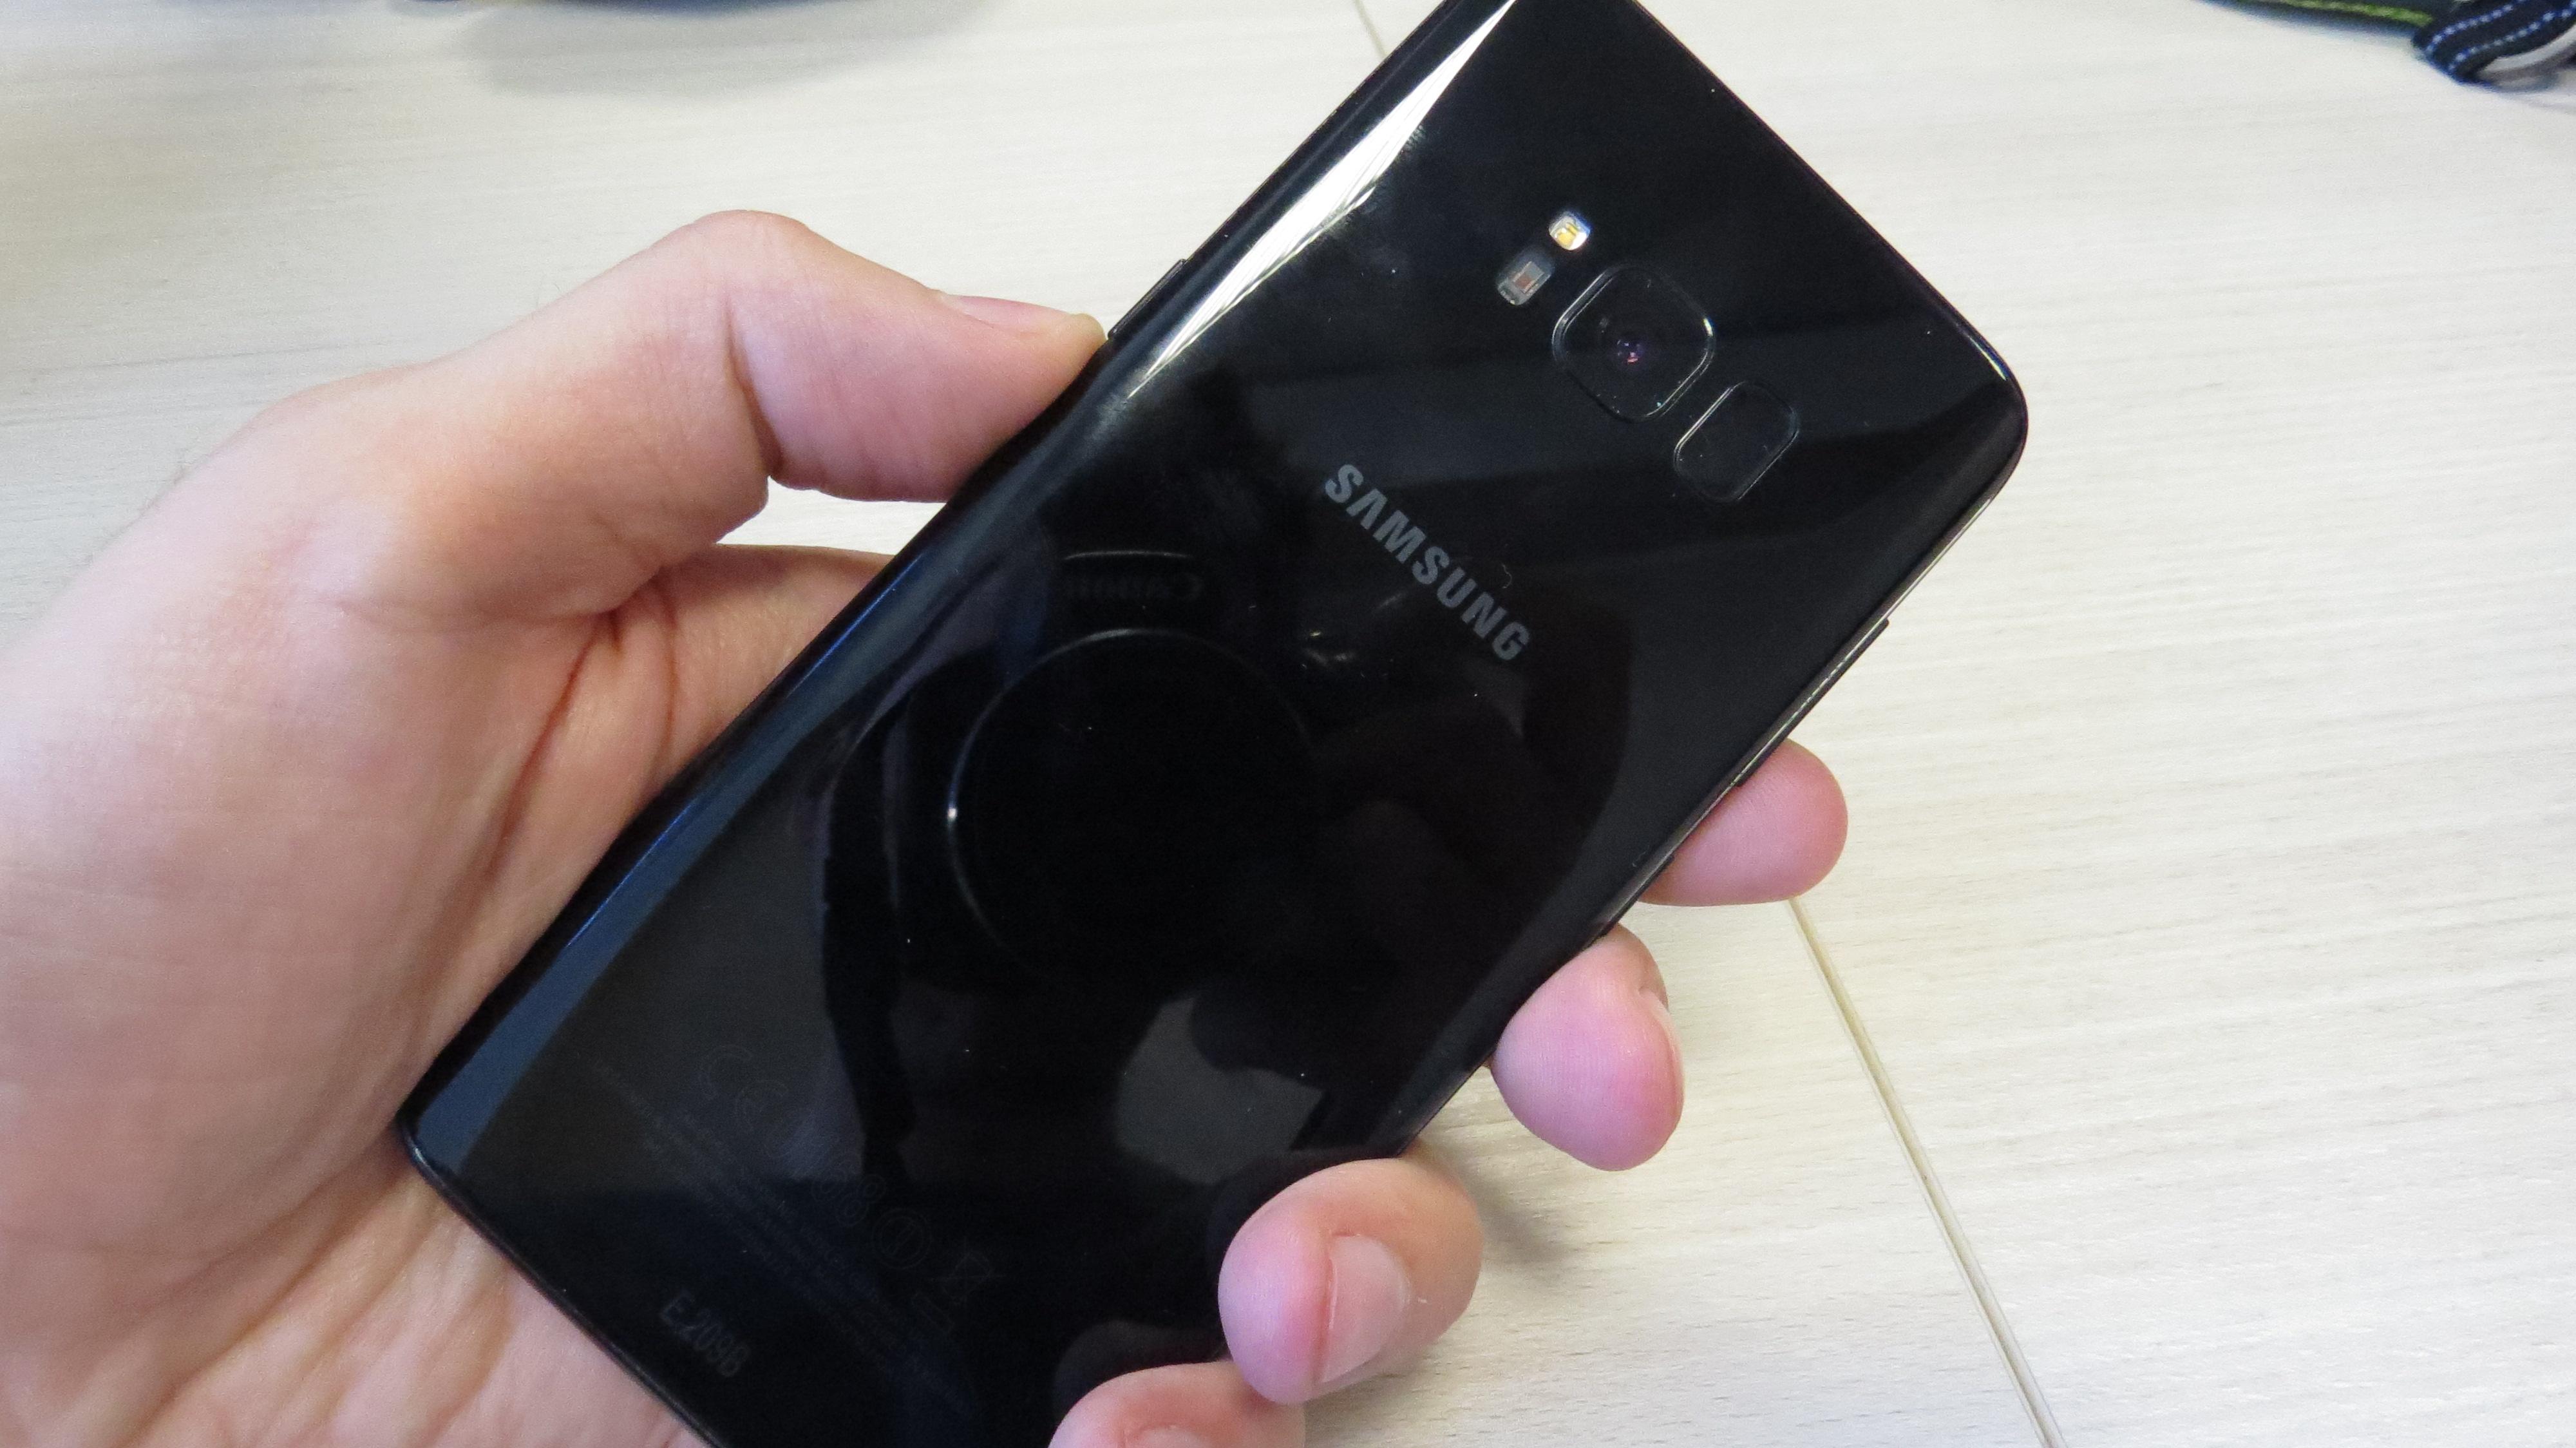 Quale smartphone samsung scegliere tecnocino for Quale smartphone scegliere